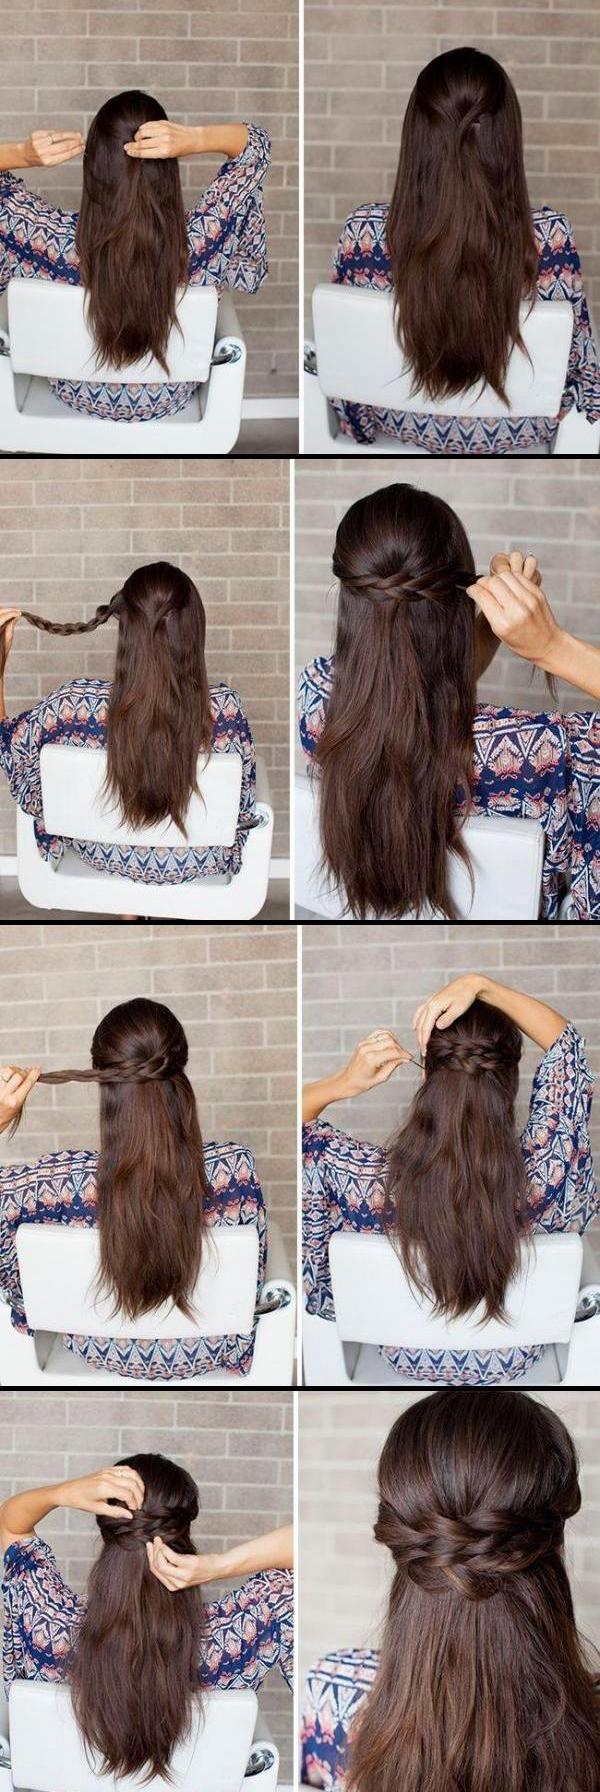 Как сделать прическу на распущенных волосах своими руками